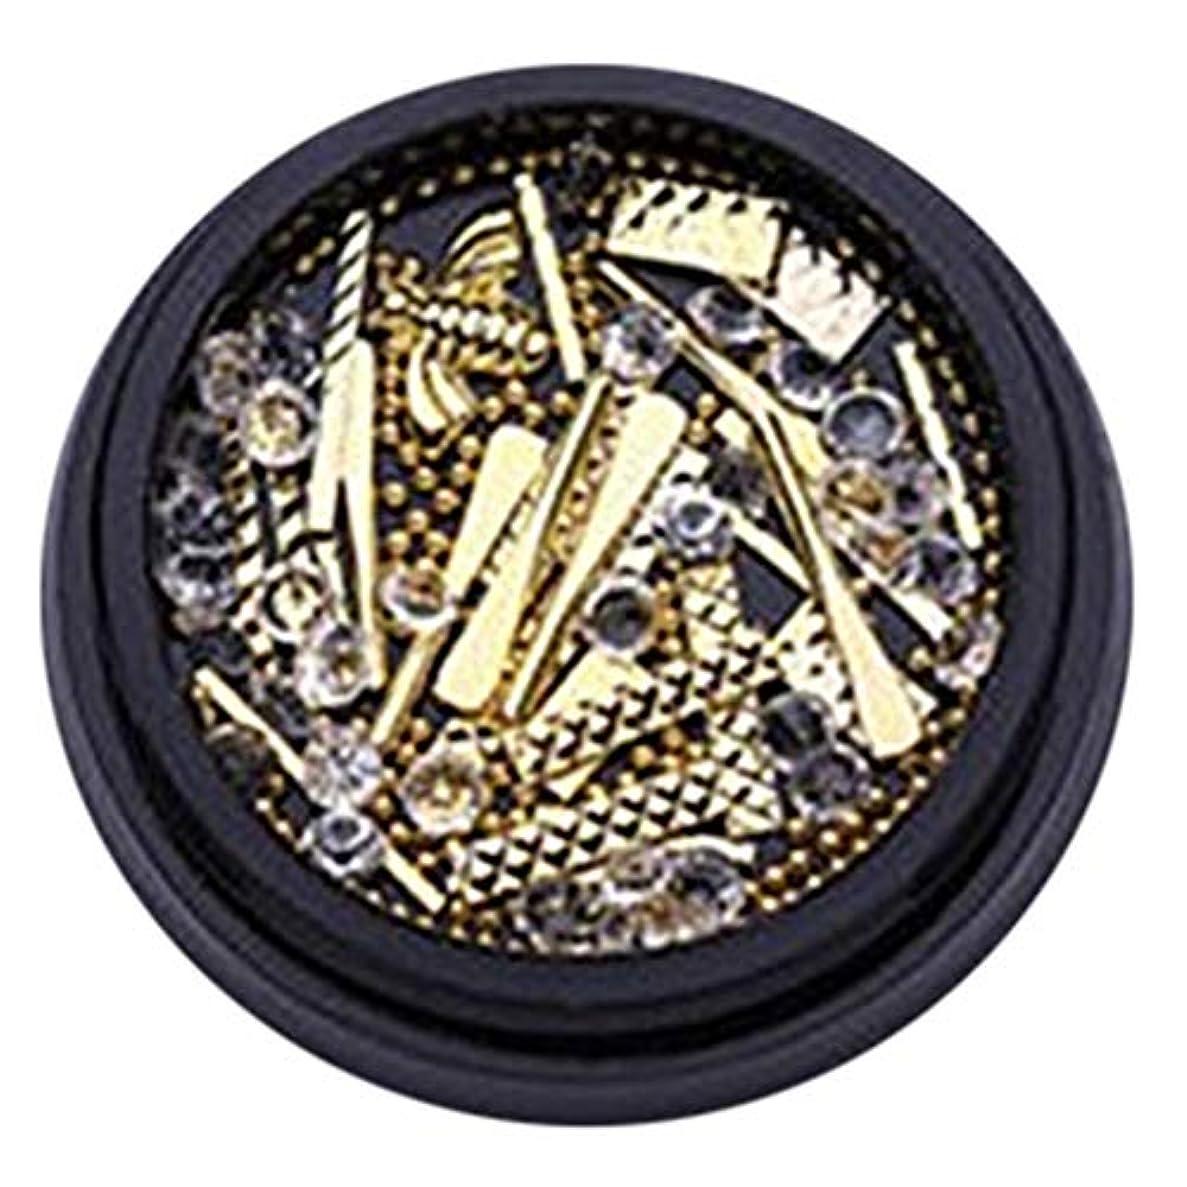 独占住居不名誉なhamulekfae-和風可愛い人気ブラクケア金属バー長方形リベットネイルアート宝石ラインストーンデコレーションホイールDIYのヒント - ゴールデンGolden